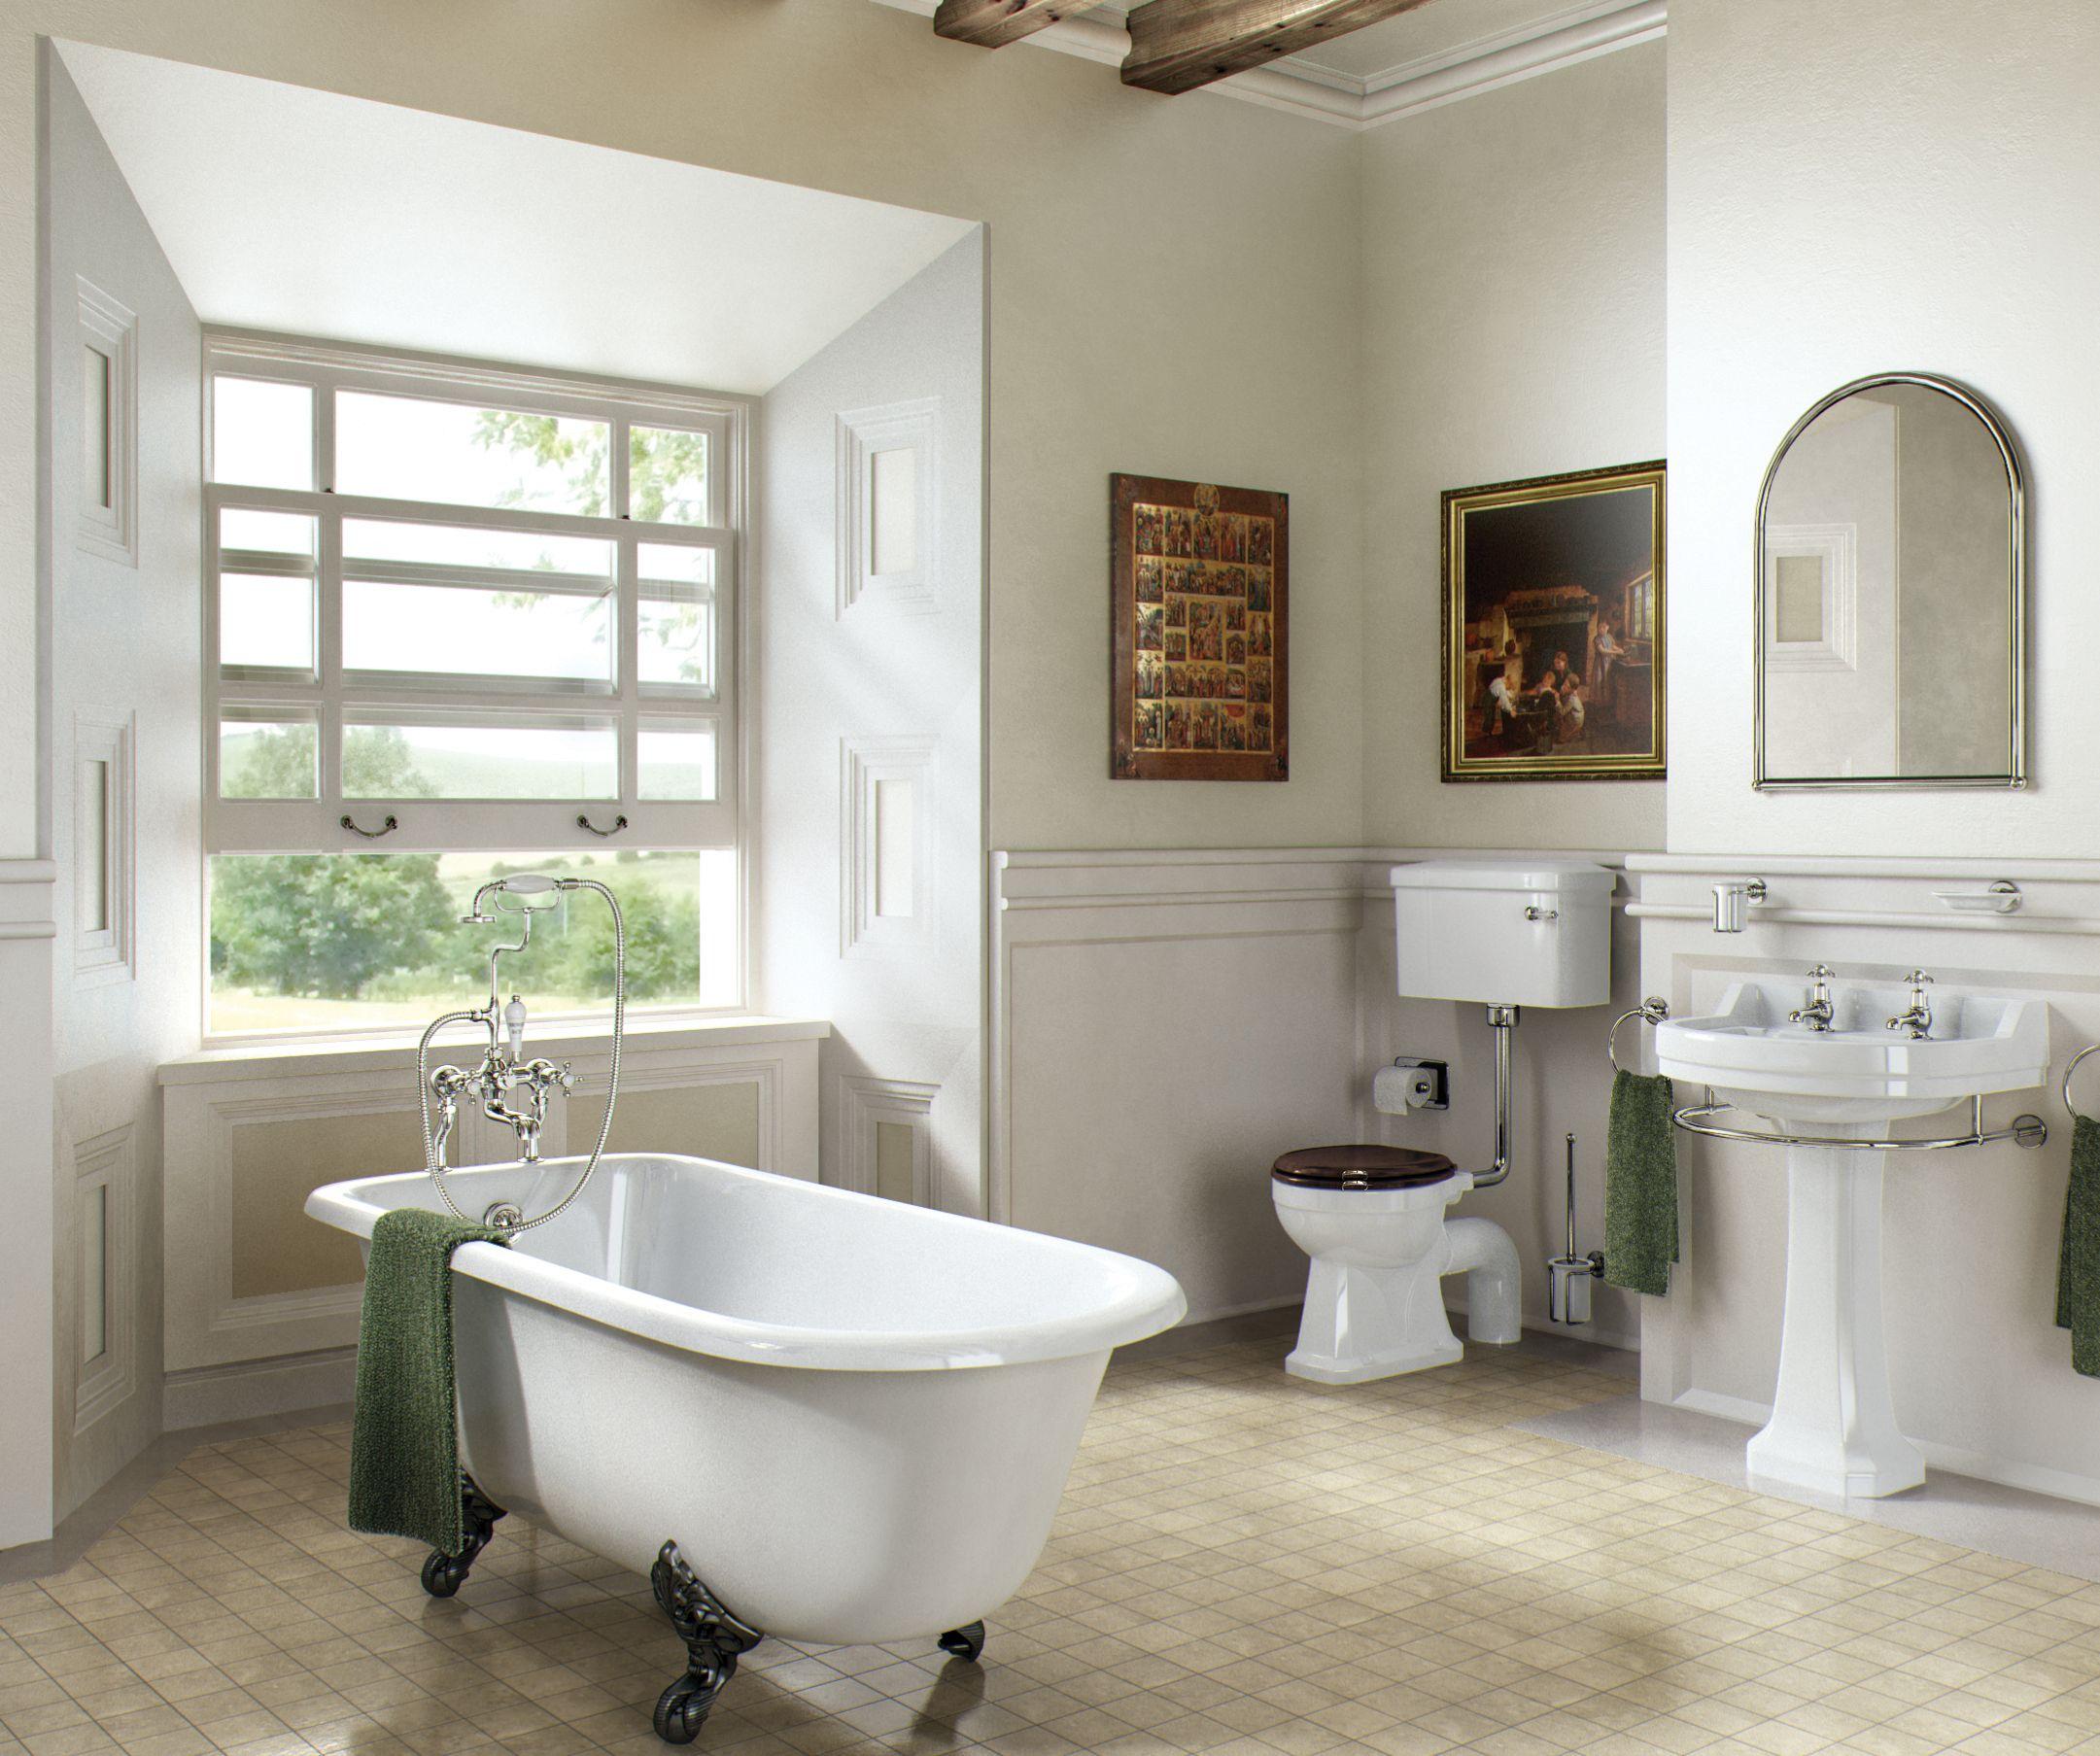 Edwardian Bathroom Design New in House Designerraleigh kitchen